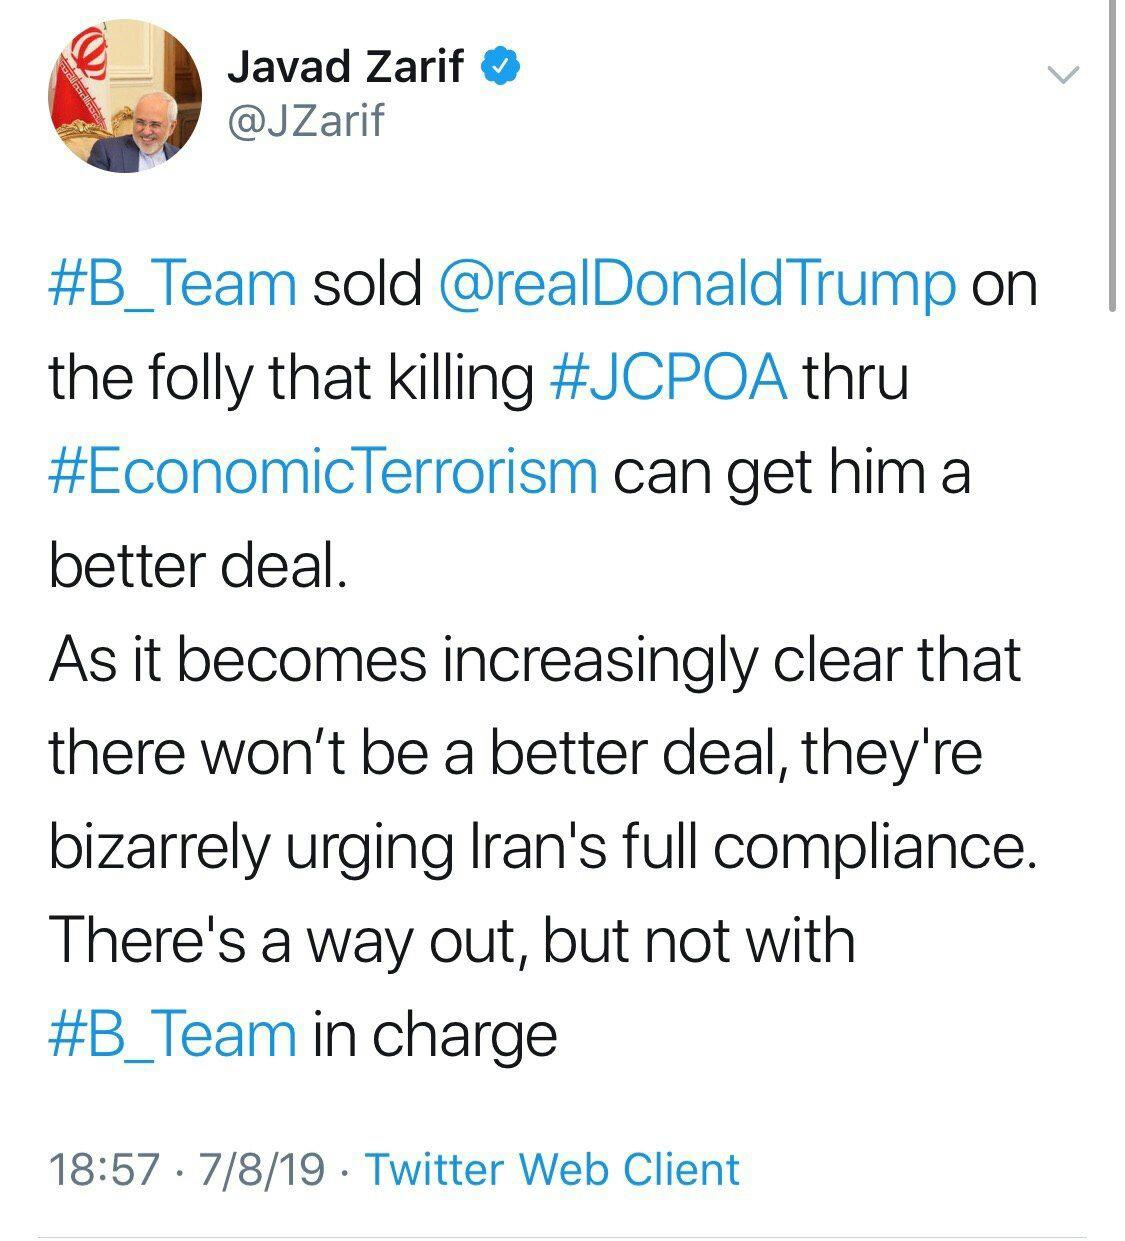 تیم B توهم توافق بهتر با ایران را به ترامپ فروخت